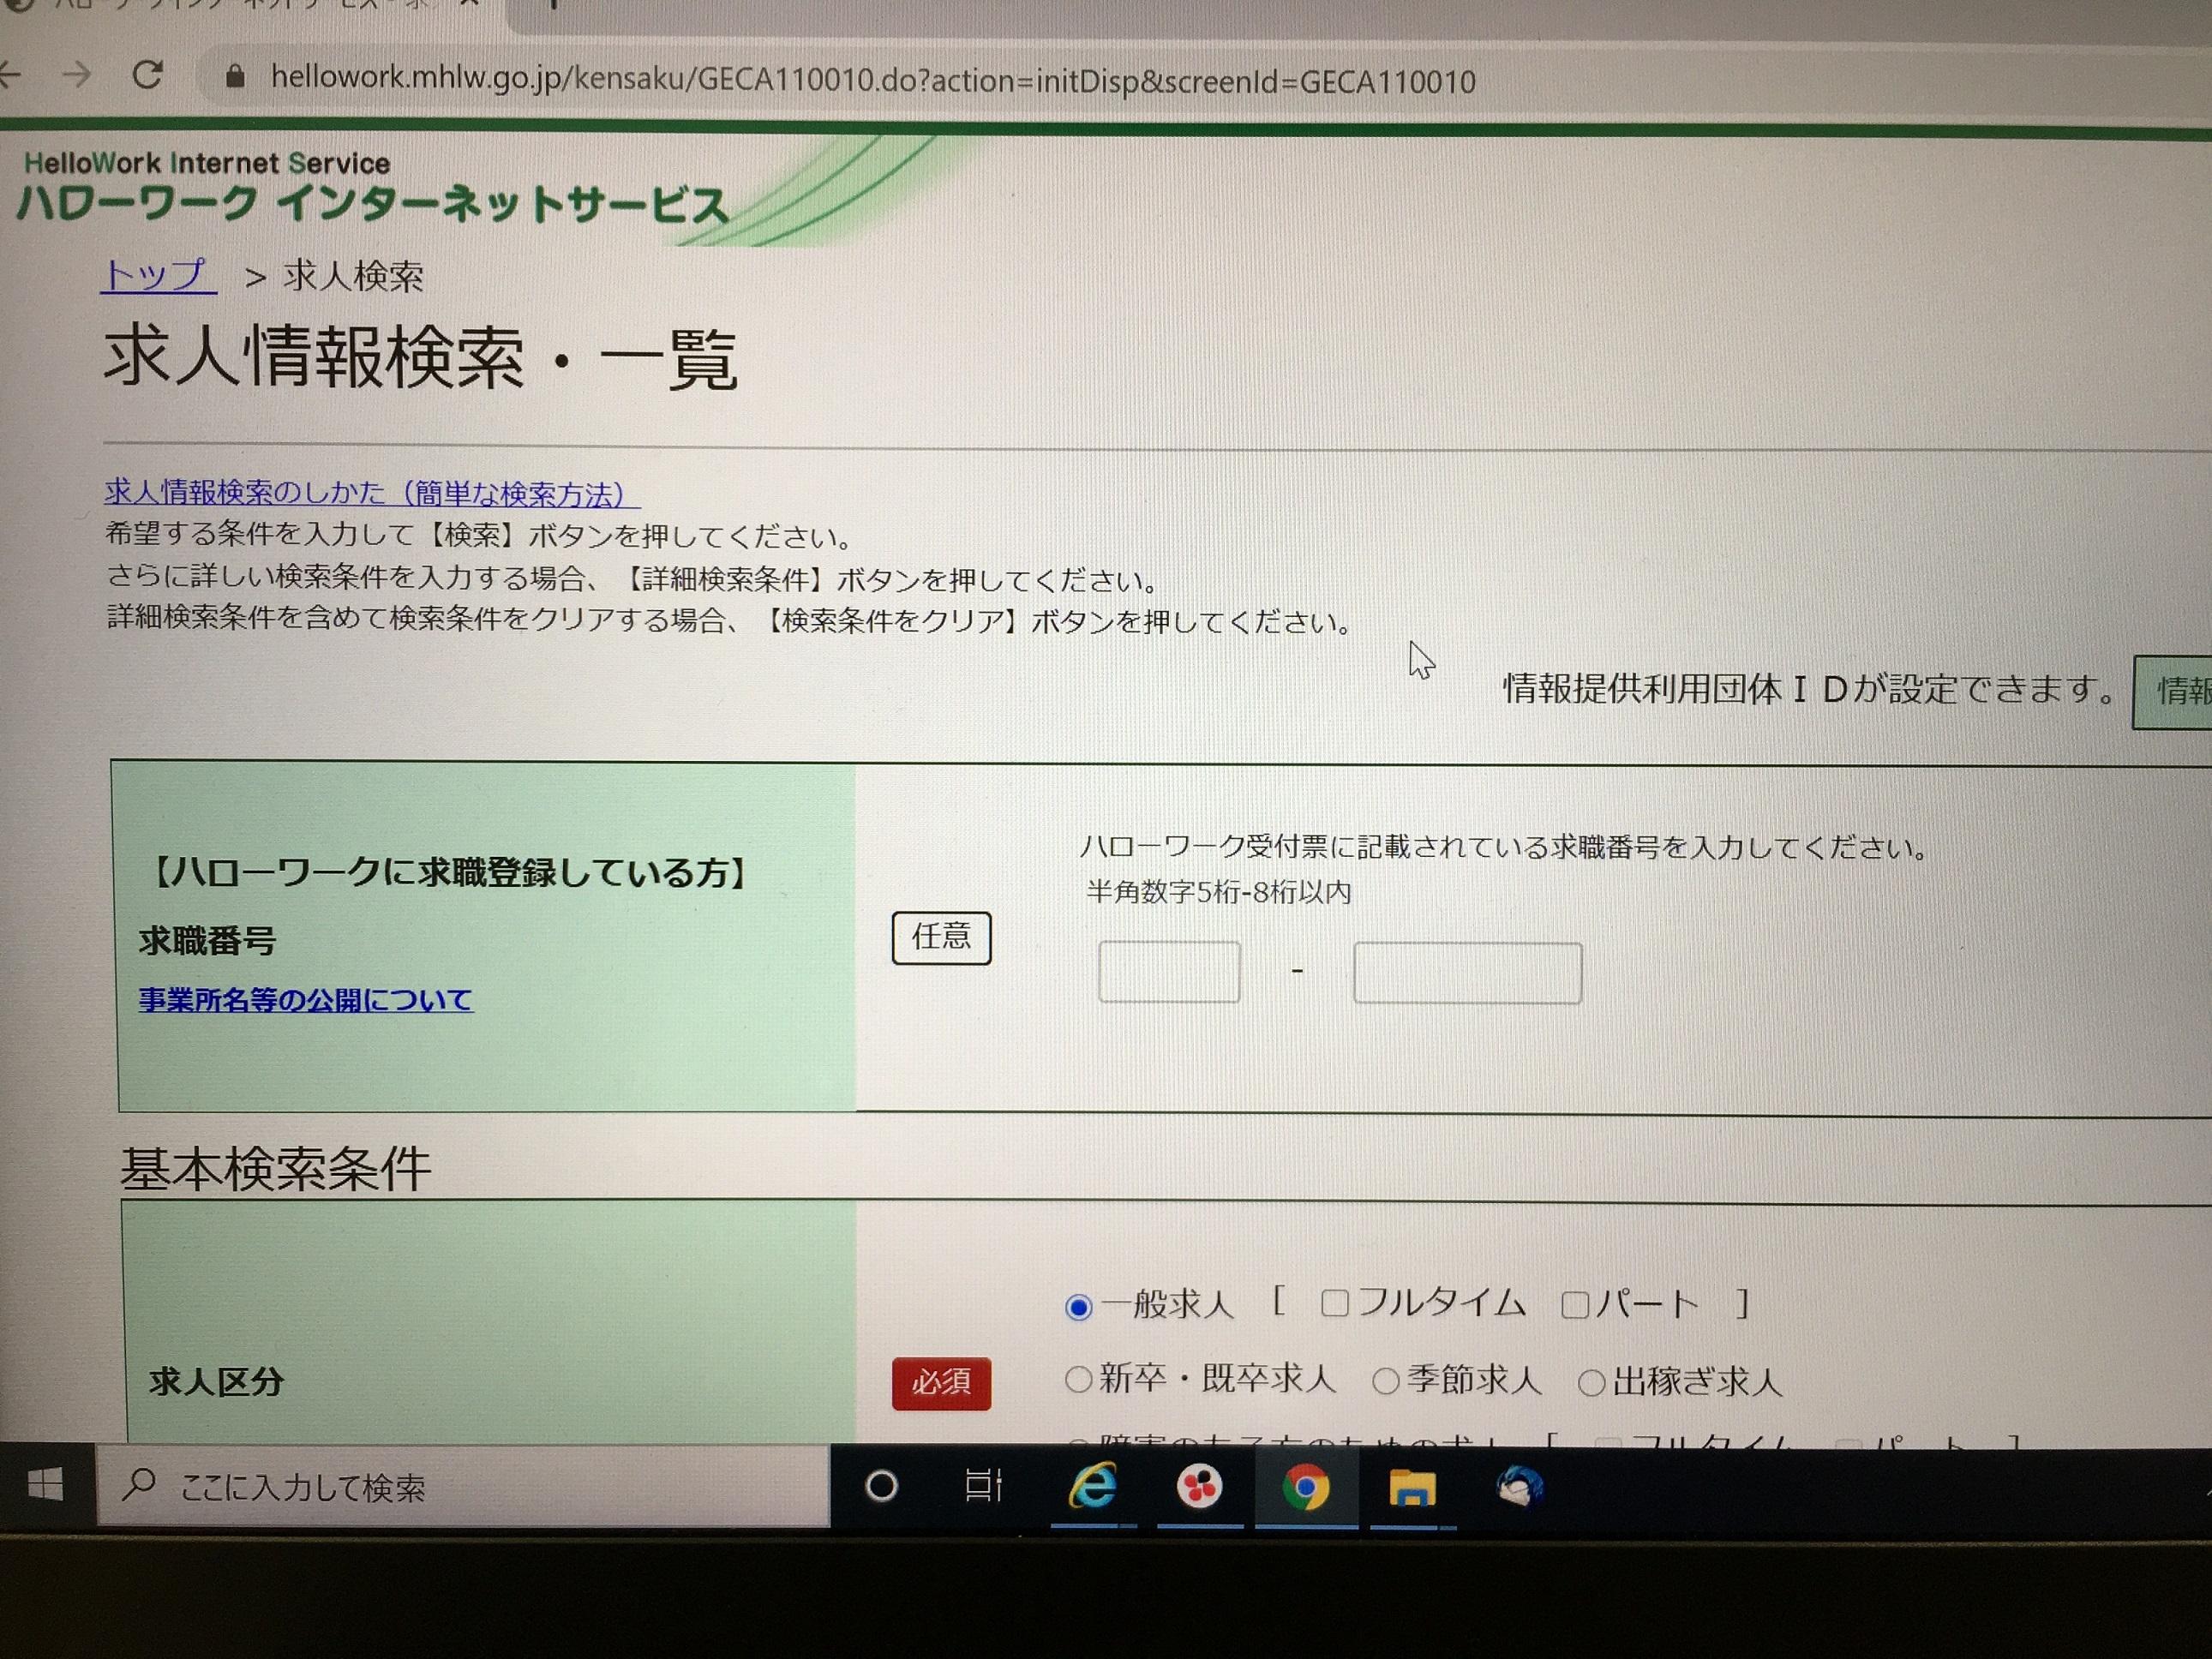 インターネット 求人 検索 ハローワーク